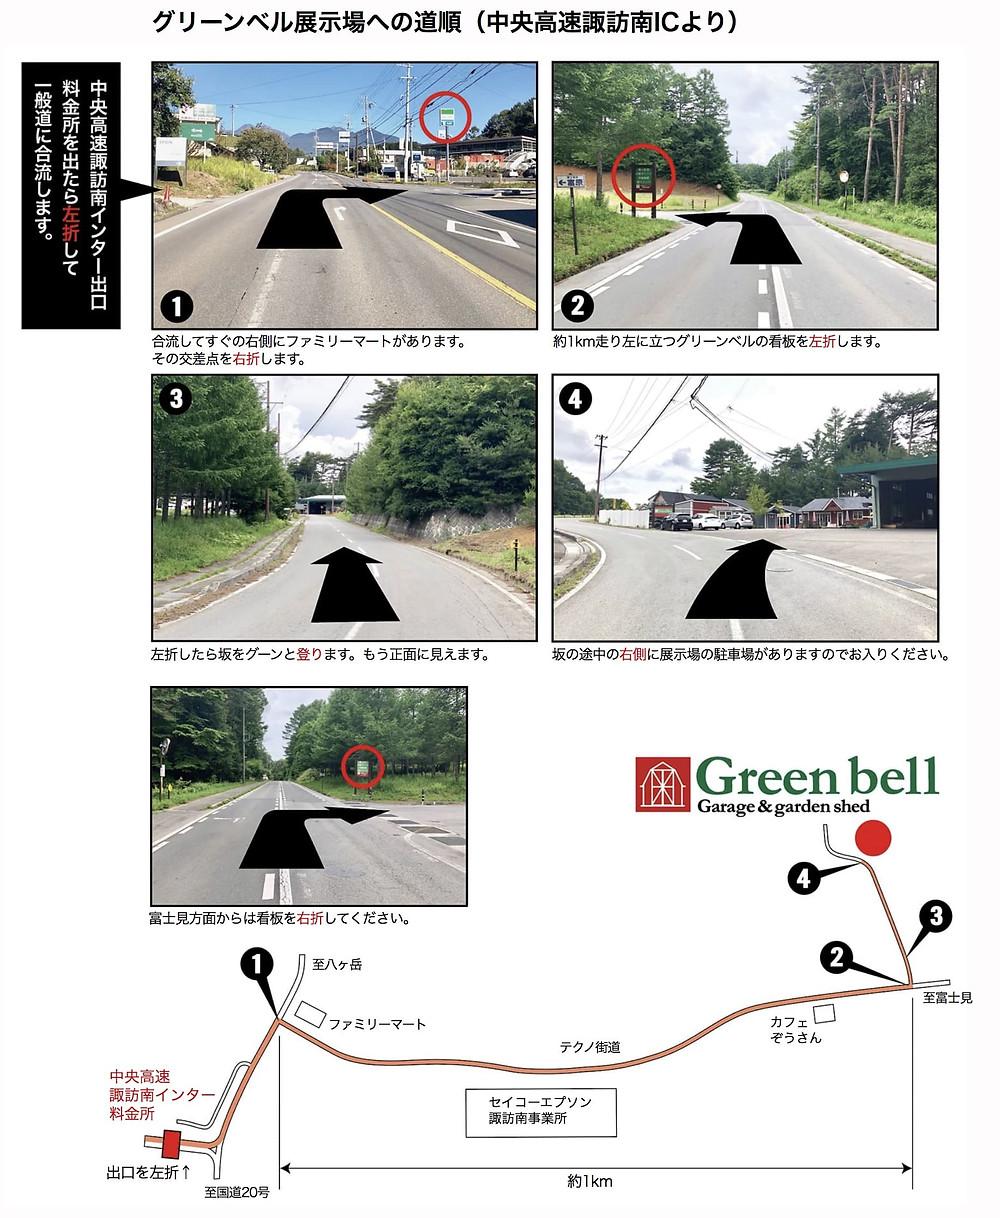 グリーンベル展示場への道順の詳しい説明です。